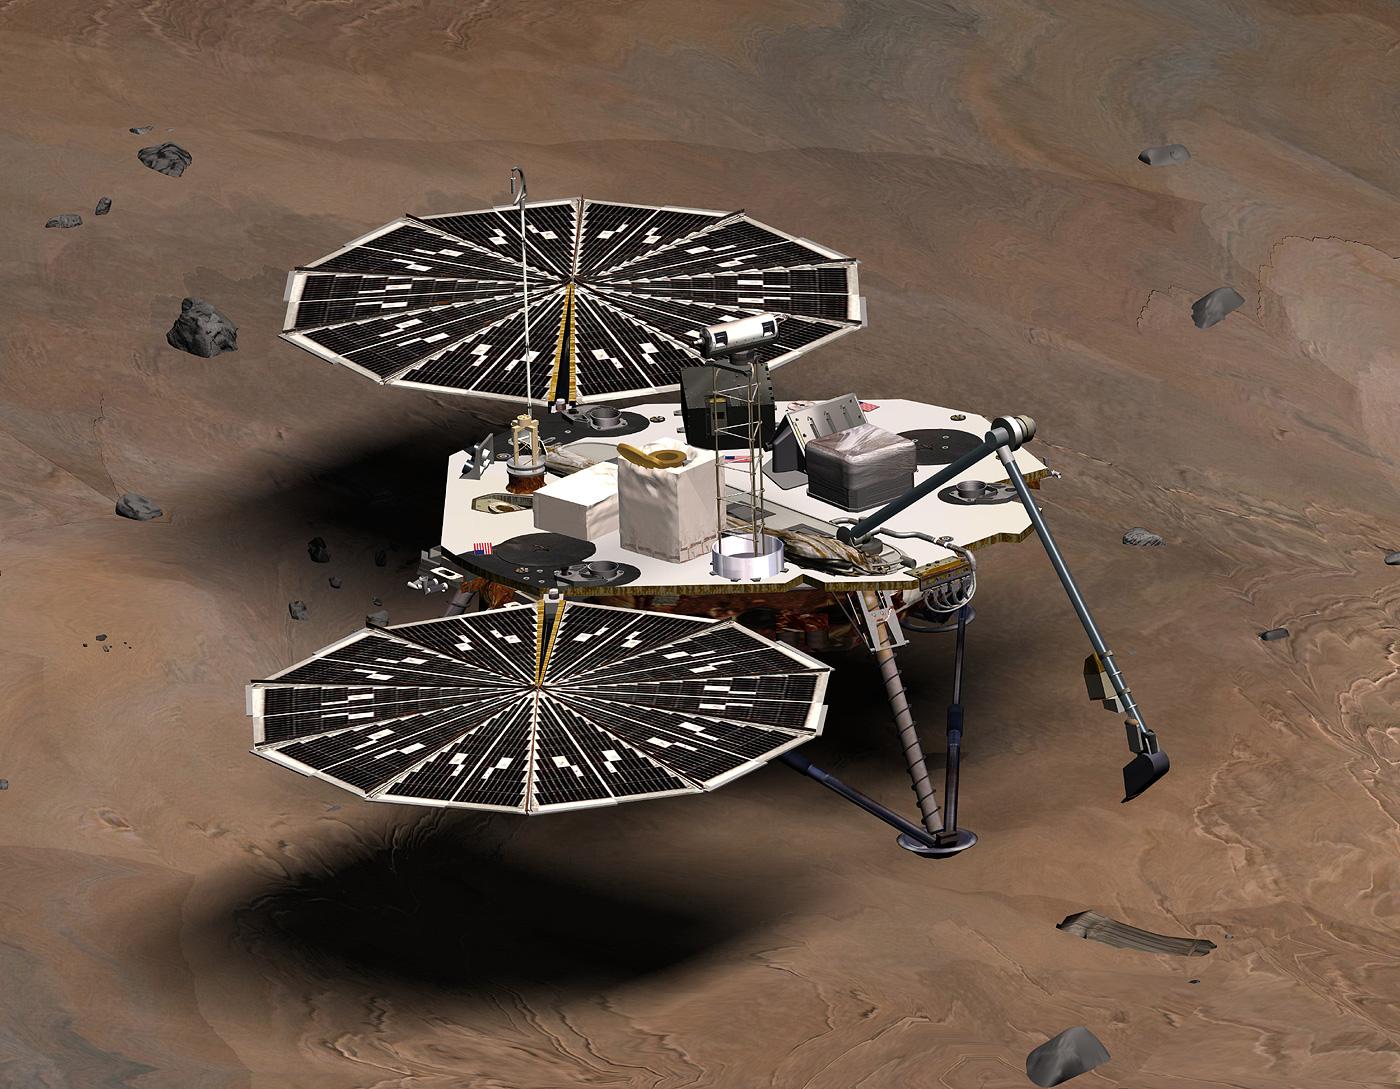 File:Phoenix Mars Lander, side view.jpg - Wikimedia Commons